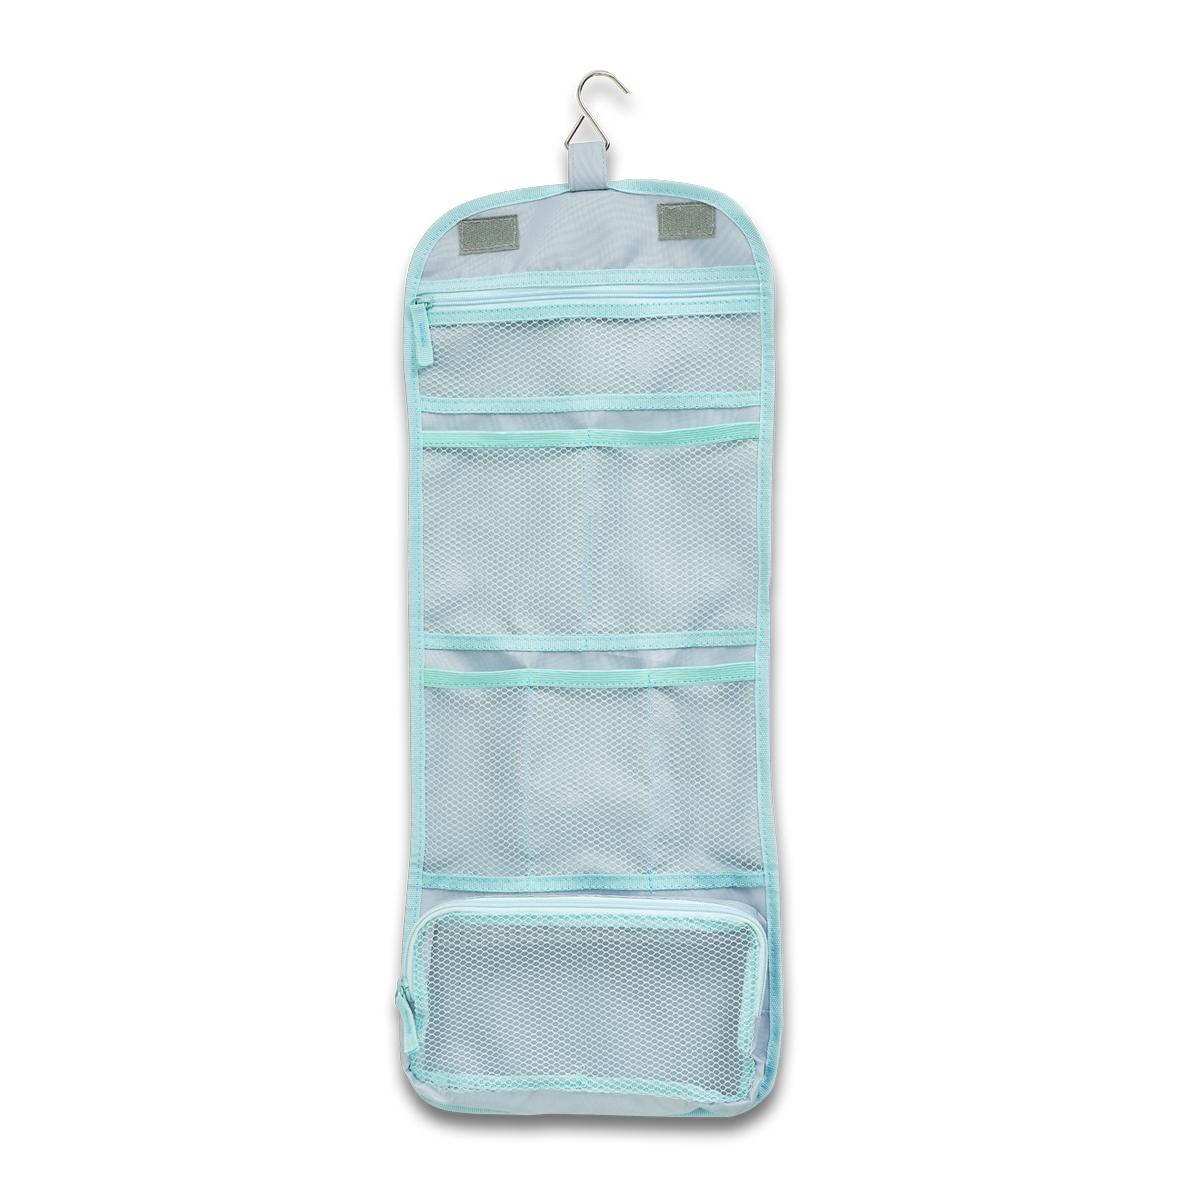 Organizator textil pentru bagaj de calatorie, Suitcase Gri Deschis, L26xl64,5 cm imagine